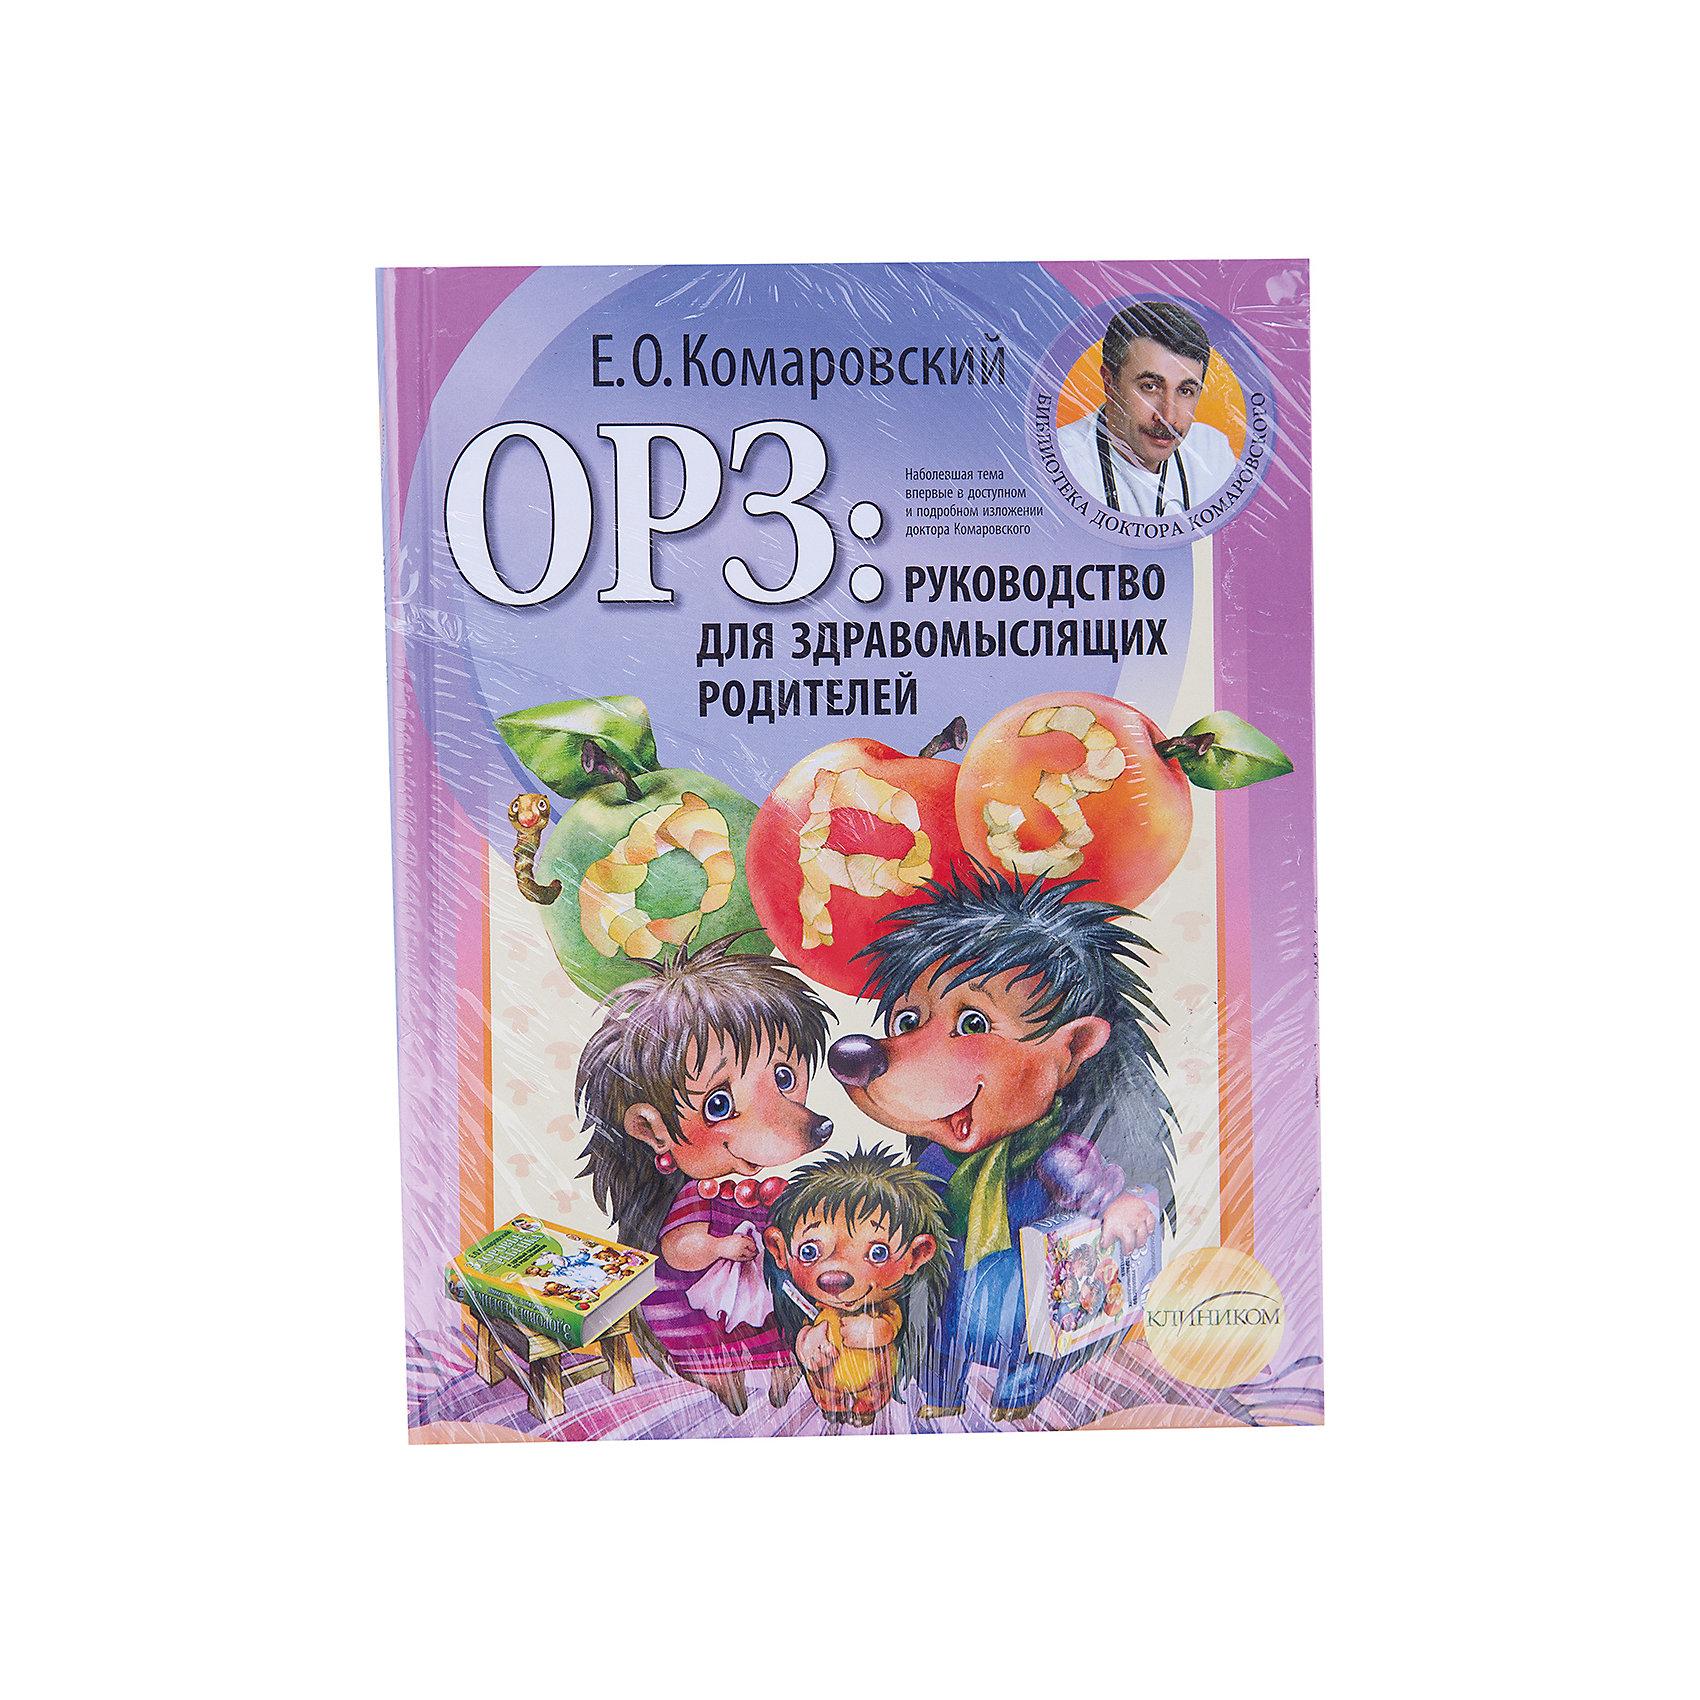 Книга Руководство для здравомыслящих родителейКниги для родителей<br>Новая книга доктора Комаровского - не только всеобъемлющее руководство, посвященное актуальнейшей теме детских ОРЗ, но и учебник здравого смысла,книга, главная задача которой сделать родителей и детского врача союзниками, понимающими друг друга, и партнерами, объединенными одной целью - помочь ребенку быстро, эффективно и безопасно, с минимальными затратами сил и средств.<br>  <br>Что такое ОРЗ? Кто виноват и что делать? Как предотвратить болезнь? Как обследоваться? Как не допустить осложнений? Как сделать ребенка, болеющего часто,ребенком,болеющим редко? Как вырваться из замкнутого круга вечных соплей и начать жить по человечески?<br><br>Ширина мм: 216<br>Глубина мм: 170<br>Высота мм: 300<br>Вес г: 850<br>Возраст от месяцев: 192<br>Возраст до месяцев: 2147483647<br>Пол: Унисекс<br>Возраст: Детский<br>SKU: 5535527